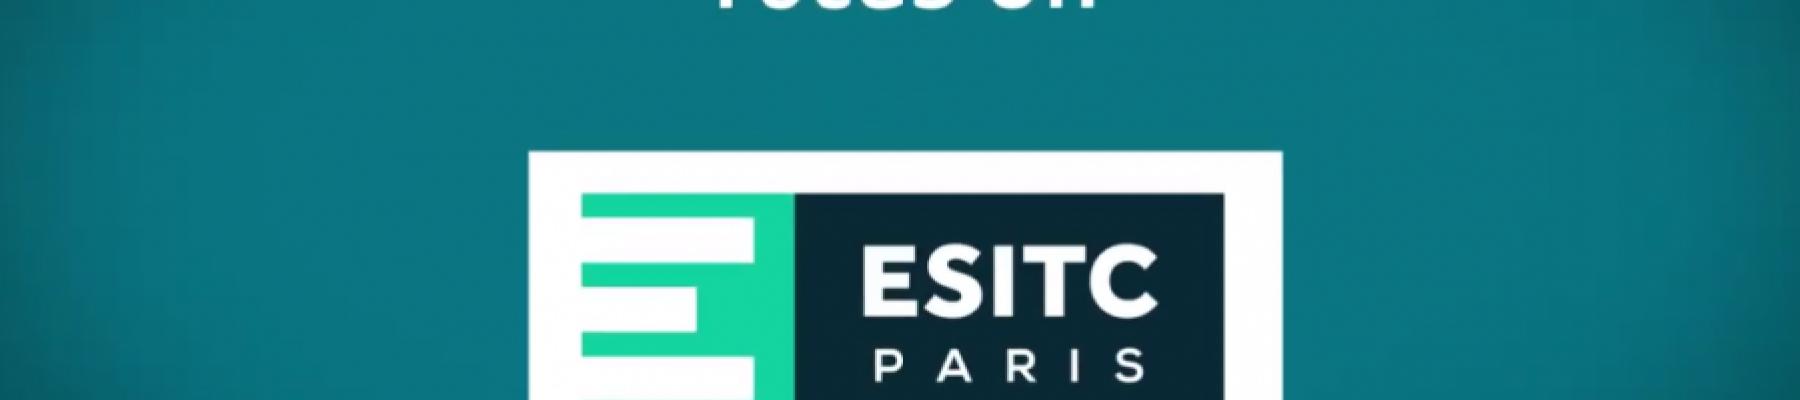 L'ESITC Paris en vidéo